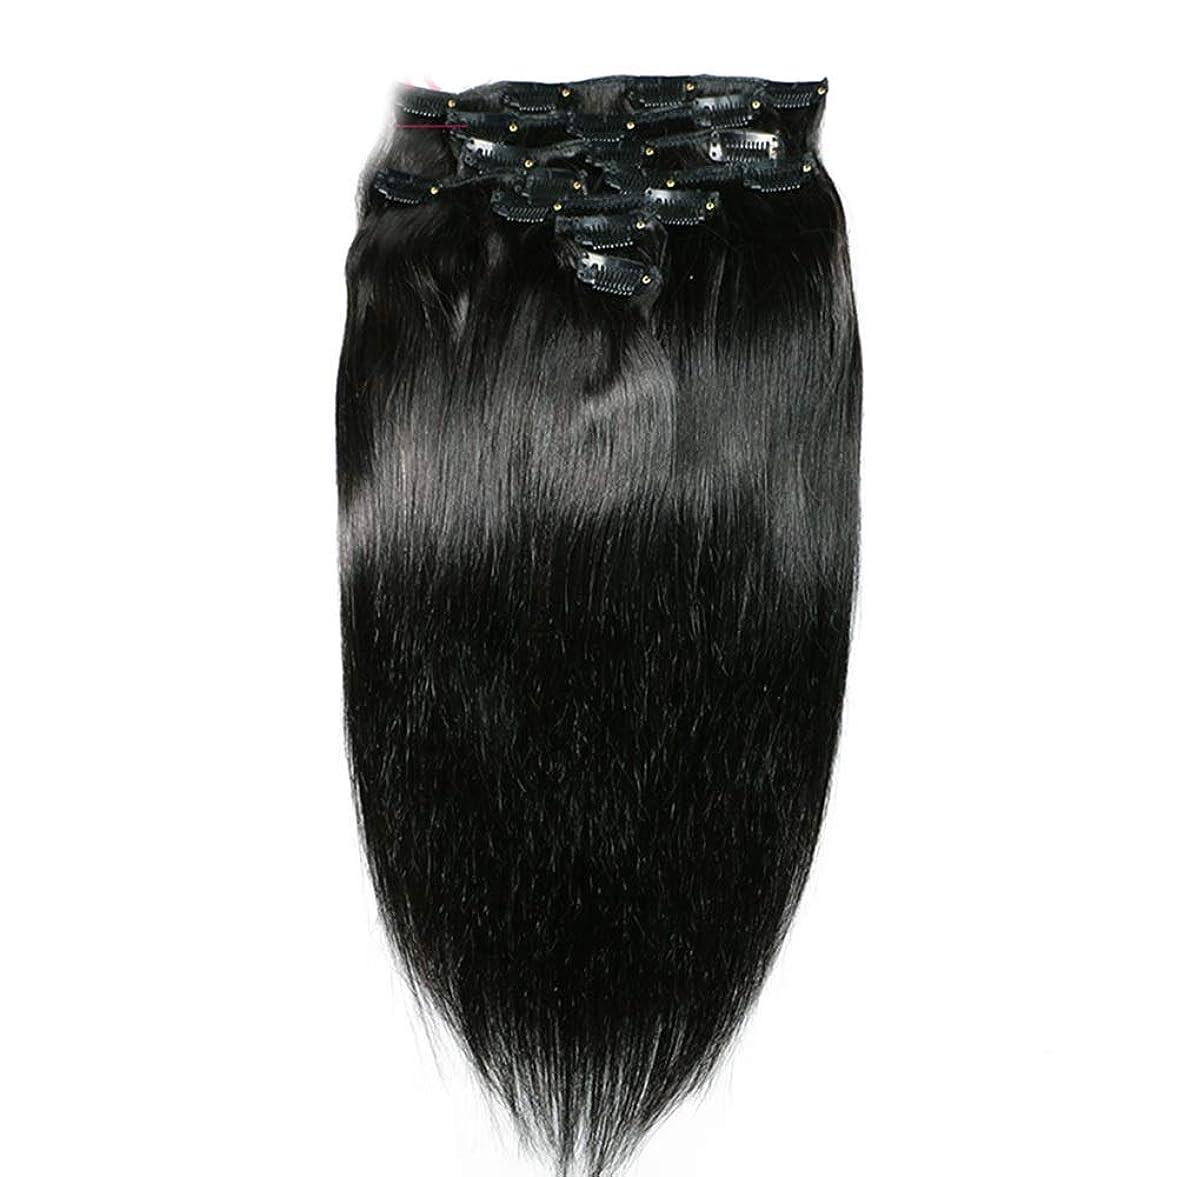 適応するアウター日常的にHOHYLLYA ヘアエクステンションクリップ人間の髪の毛のremyフルヘッドダブル横糸ストレートヘアピースナチュラルブラックコンポジットヘアレースかつらロールプレイングウィッグロングとショートの女性自然 (色 : 黒, サイズ : 18 inch)